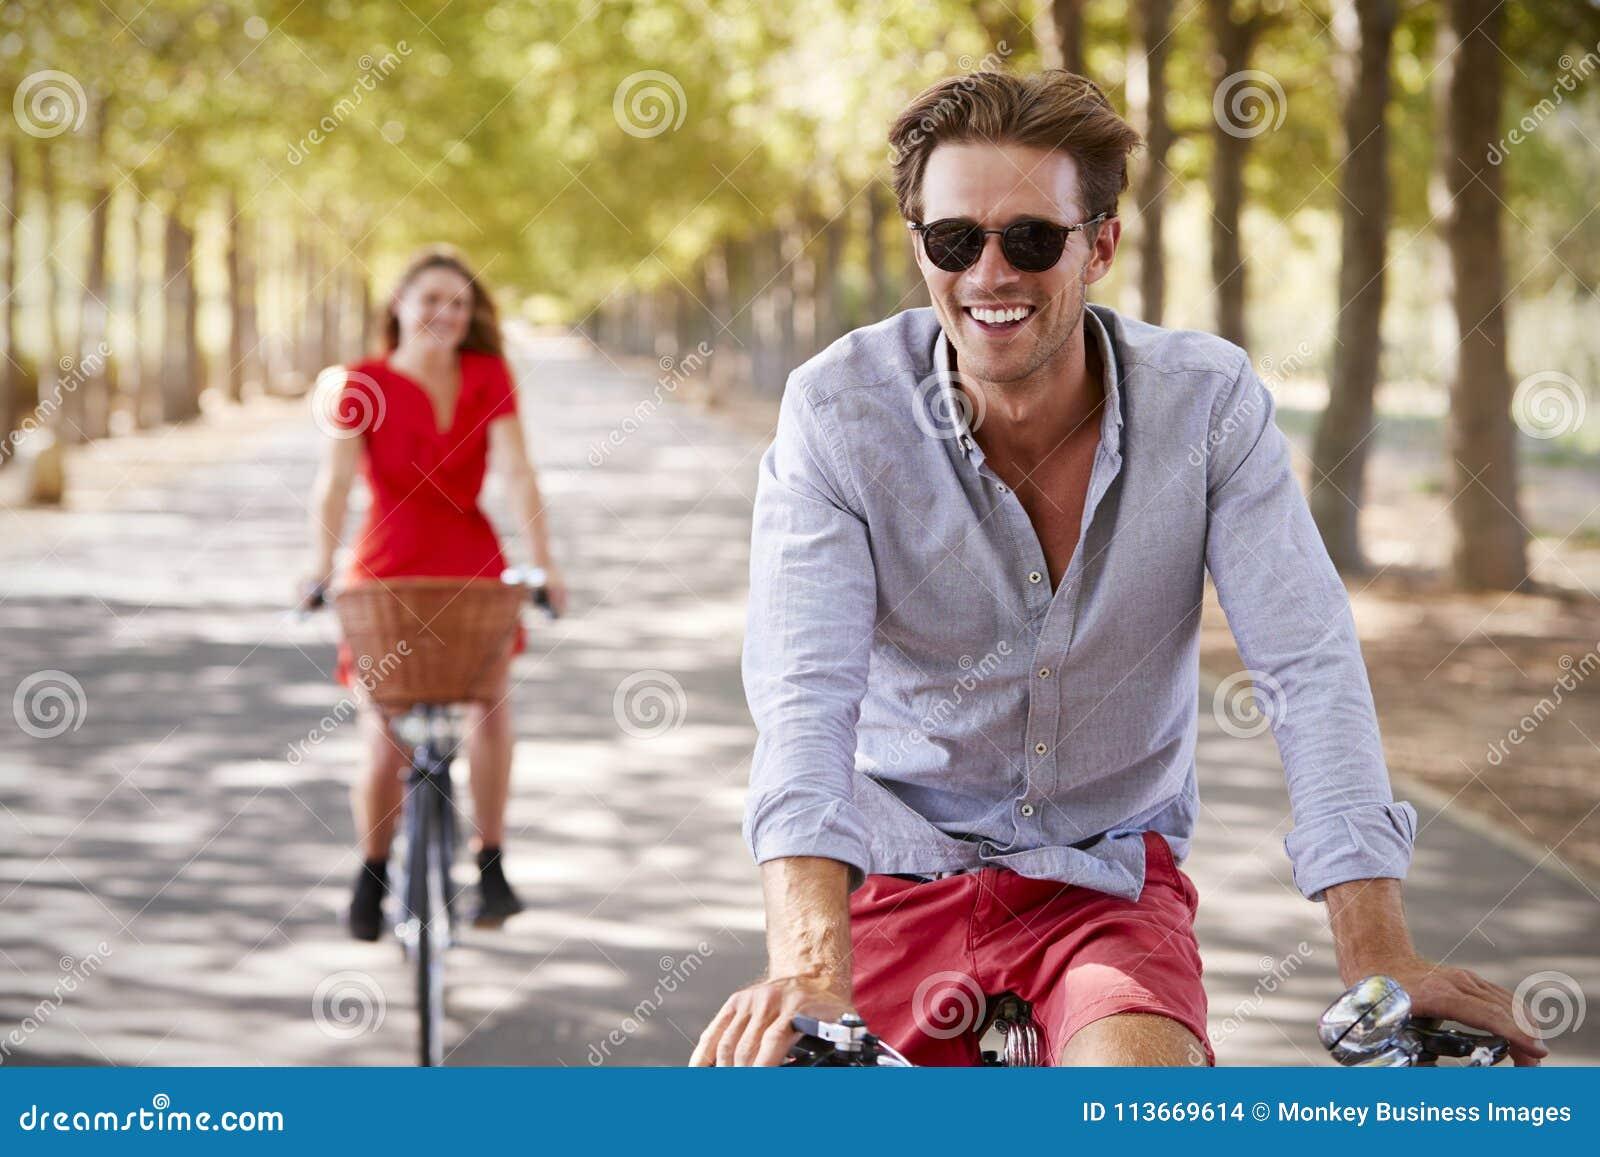 Den unga vita vuxna parridningen cyklar på en tyst solig väg